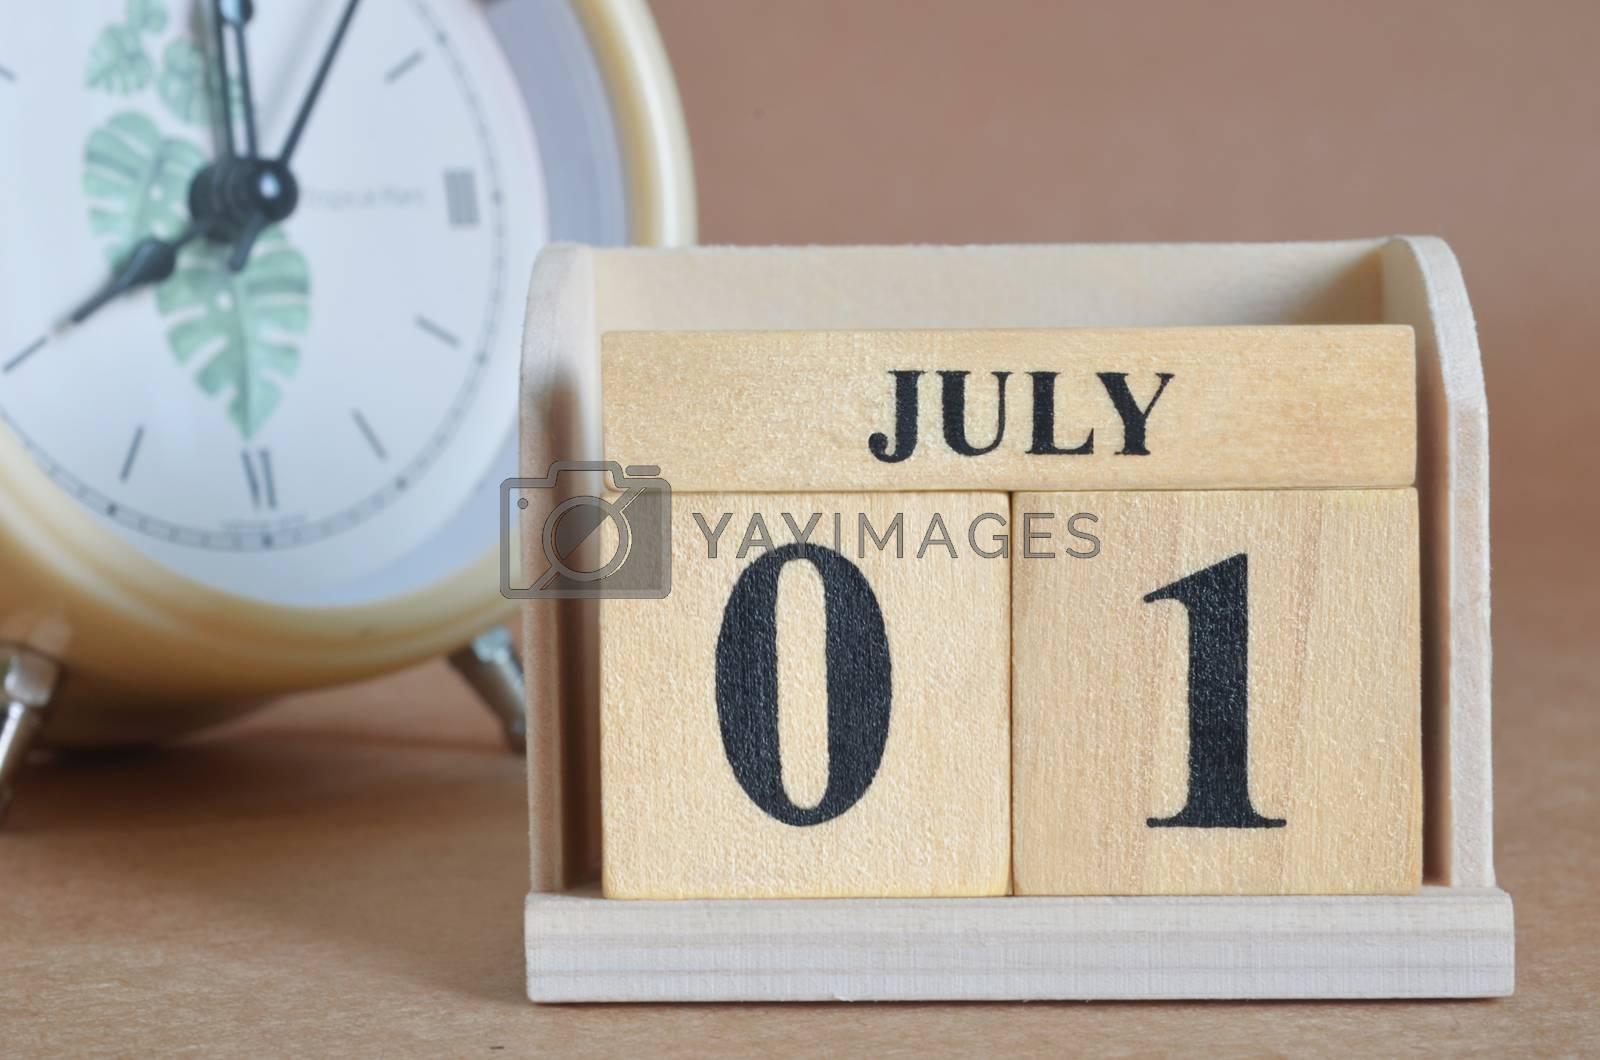 July 1 by Mrfrost